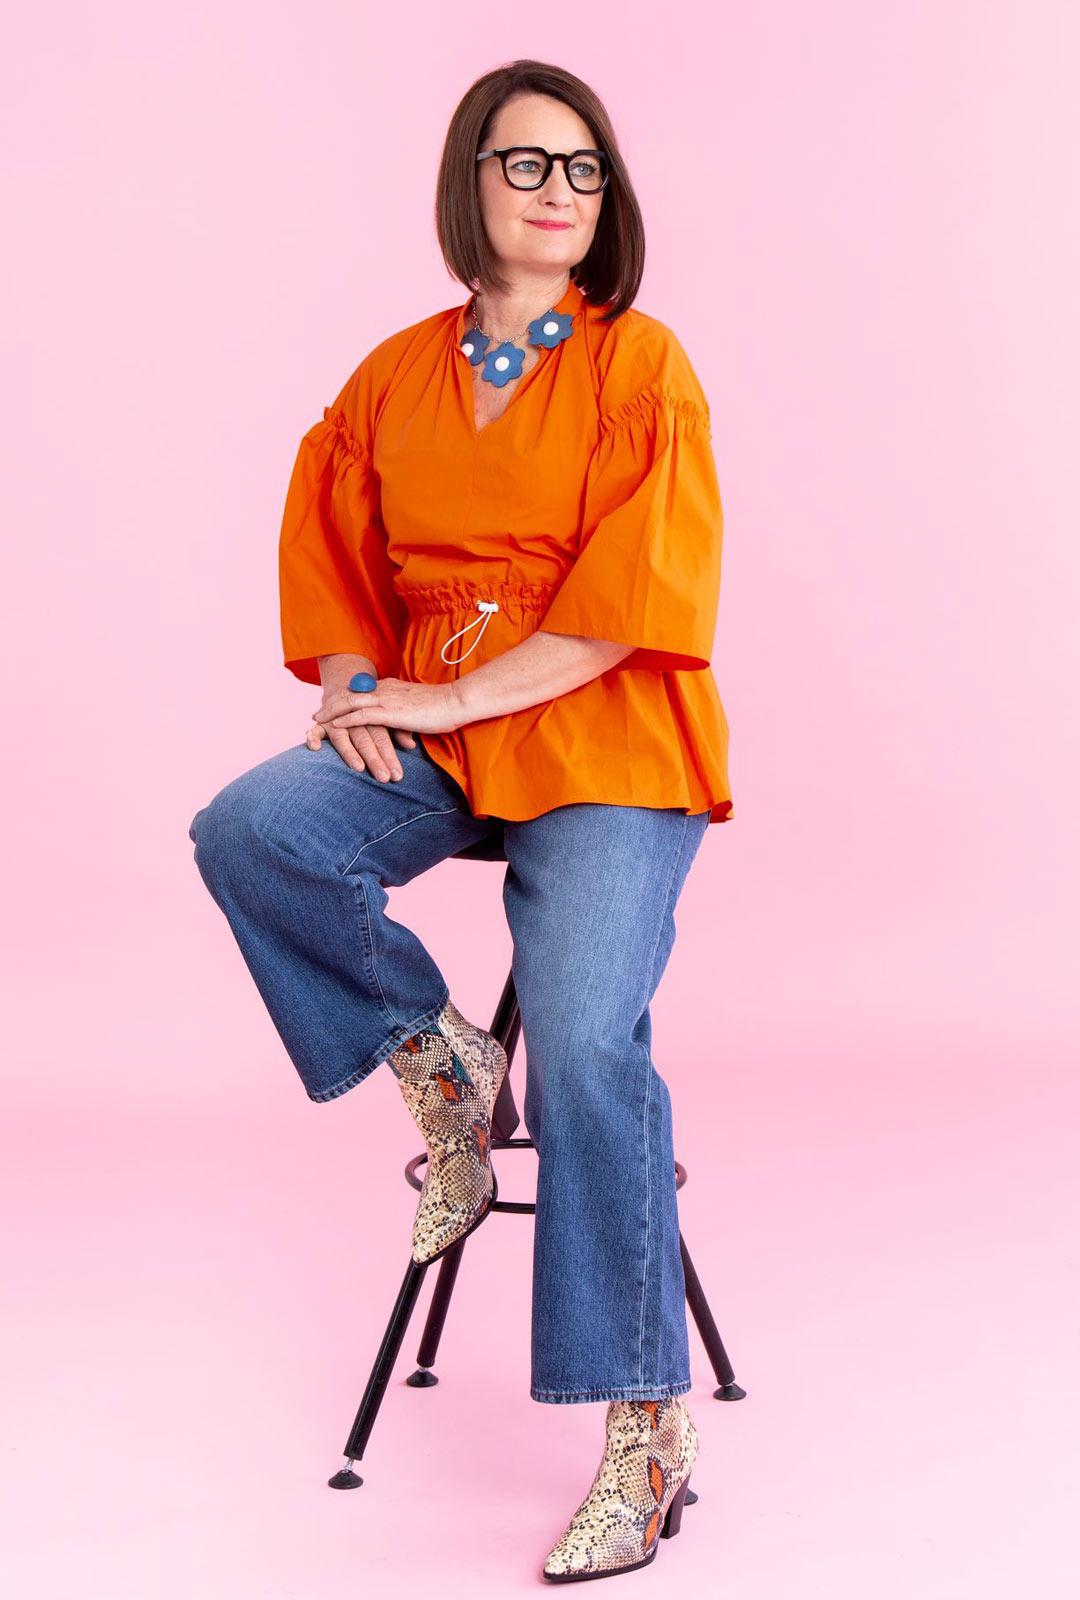 Vaatteiden muodoissa uutta on väljyys. Hihat suurenevat ja housuissa lahkeet levenevät. Vastavärit, oranssi ja sininen, tekevät yhdistelmästä vahvan.